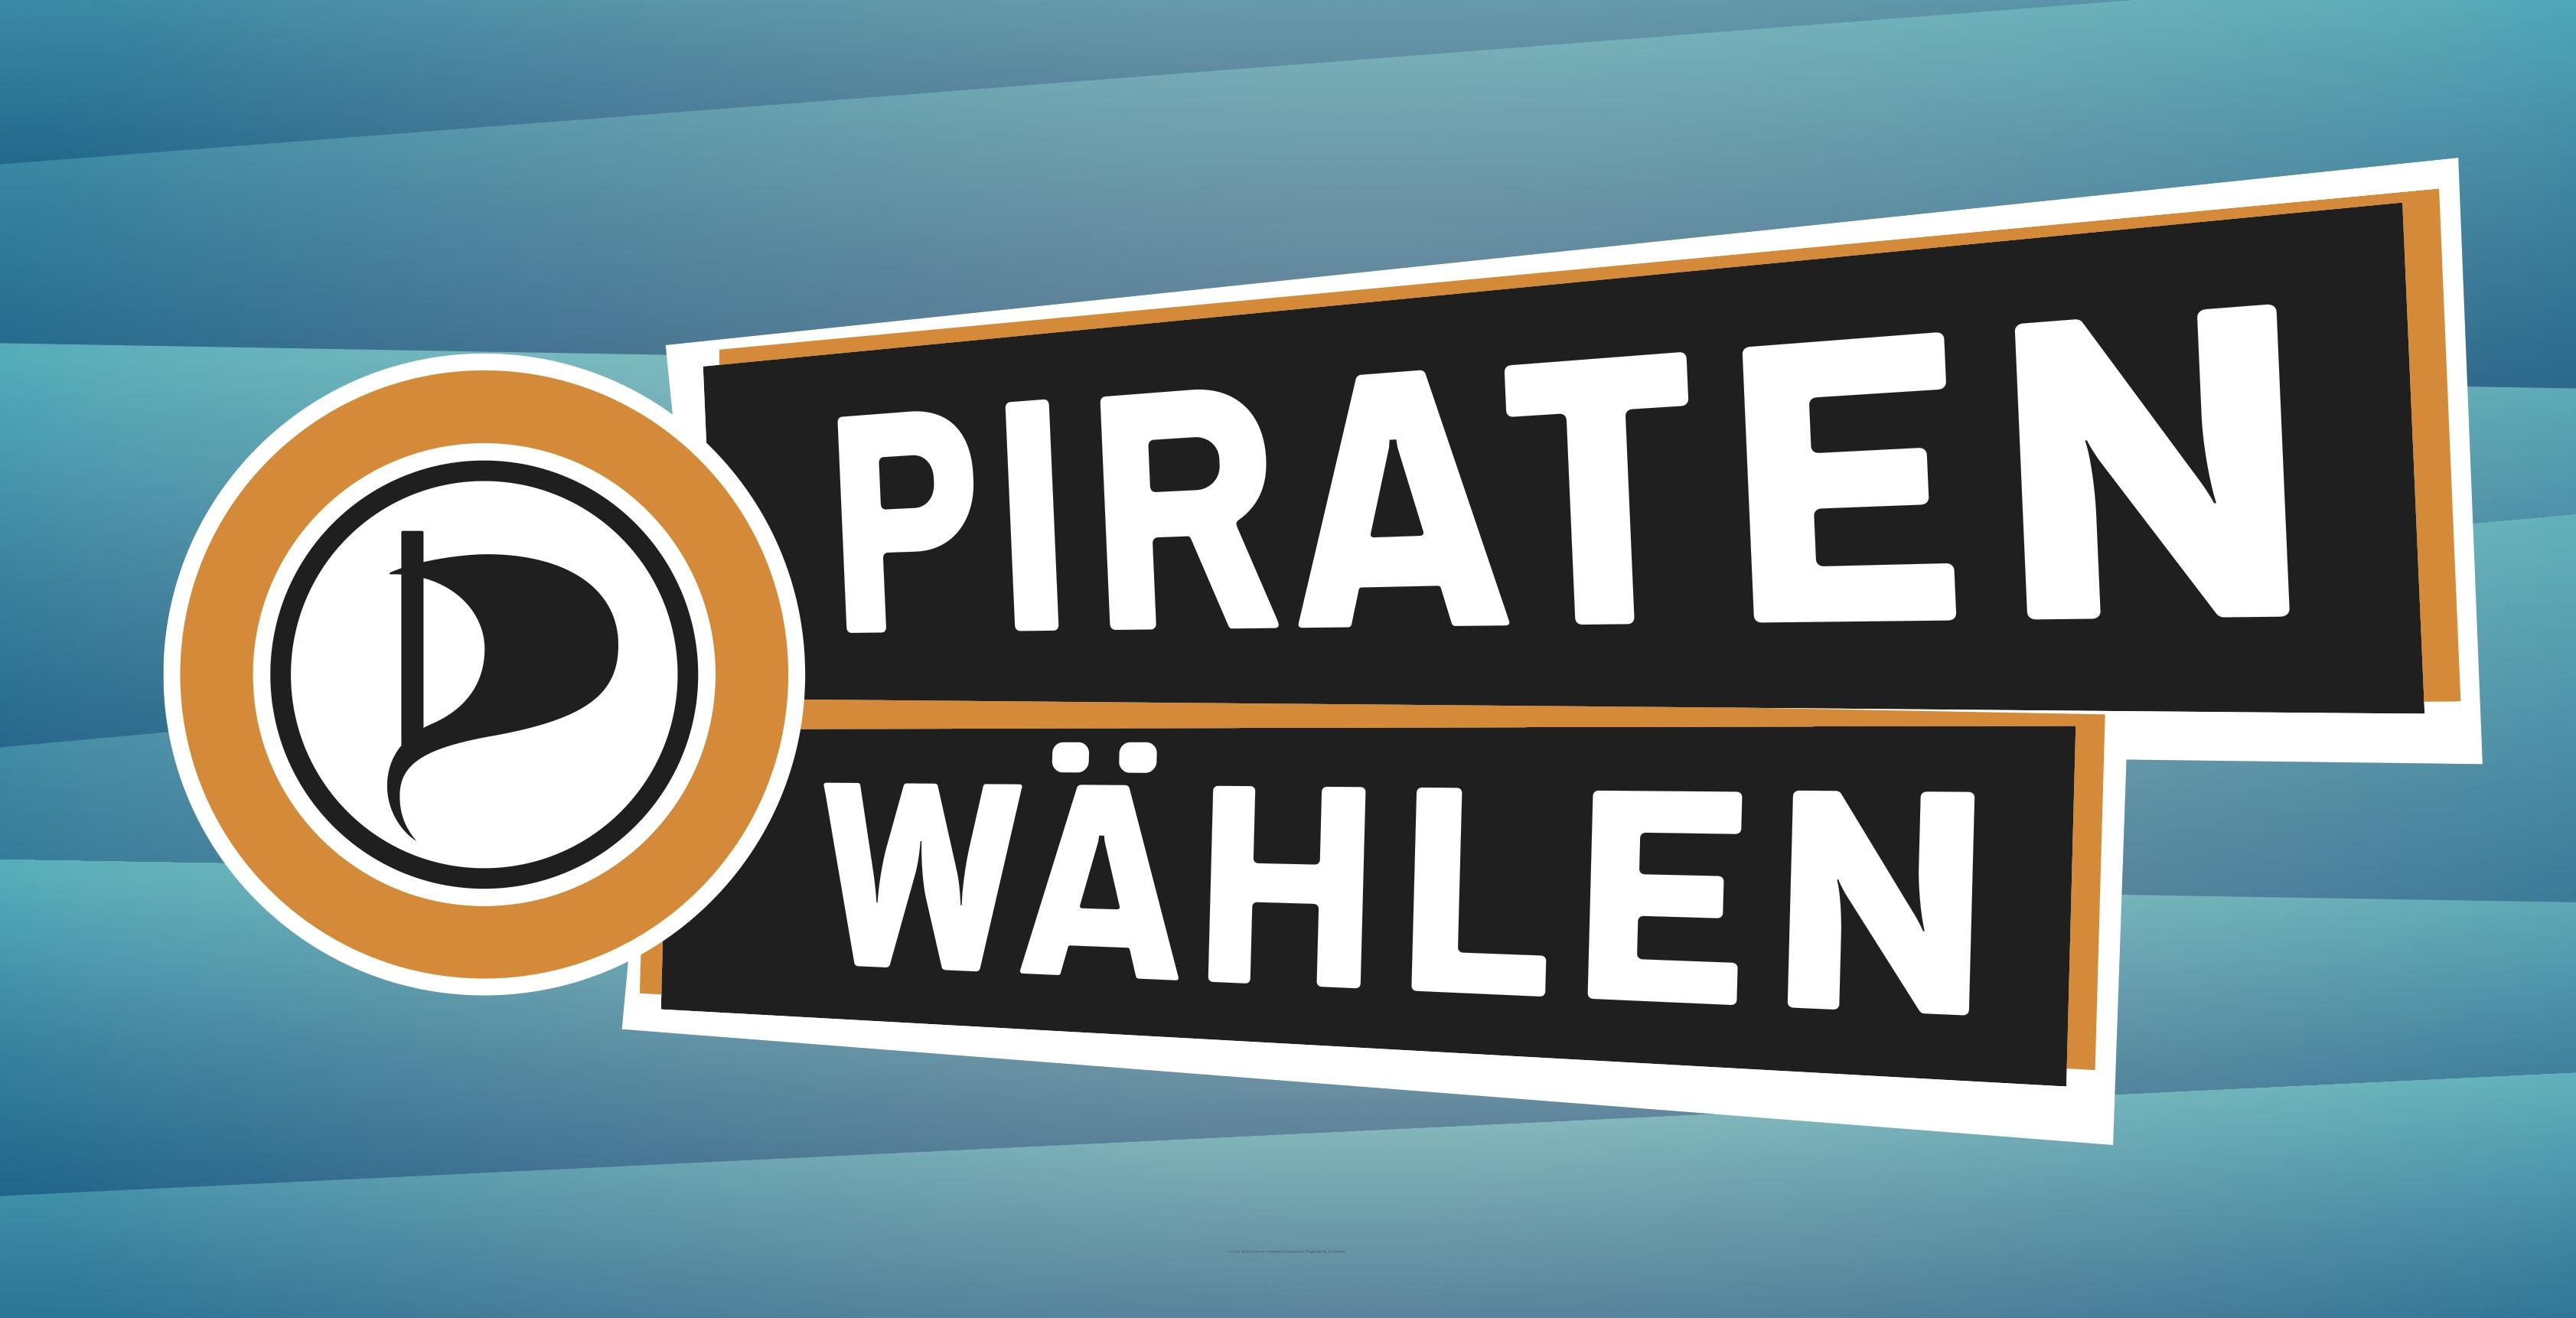 Piraten wählen